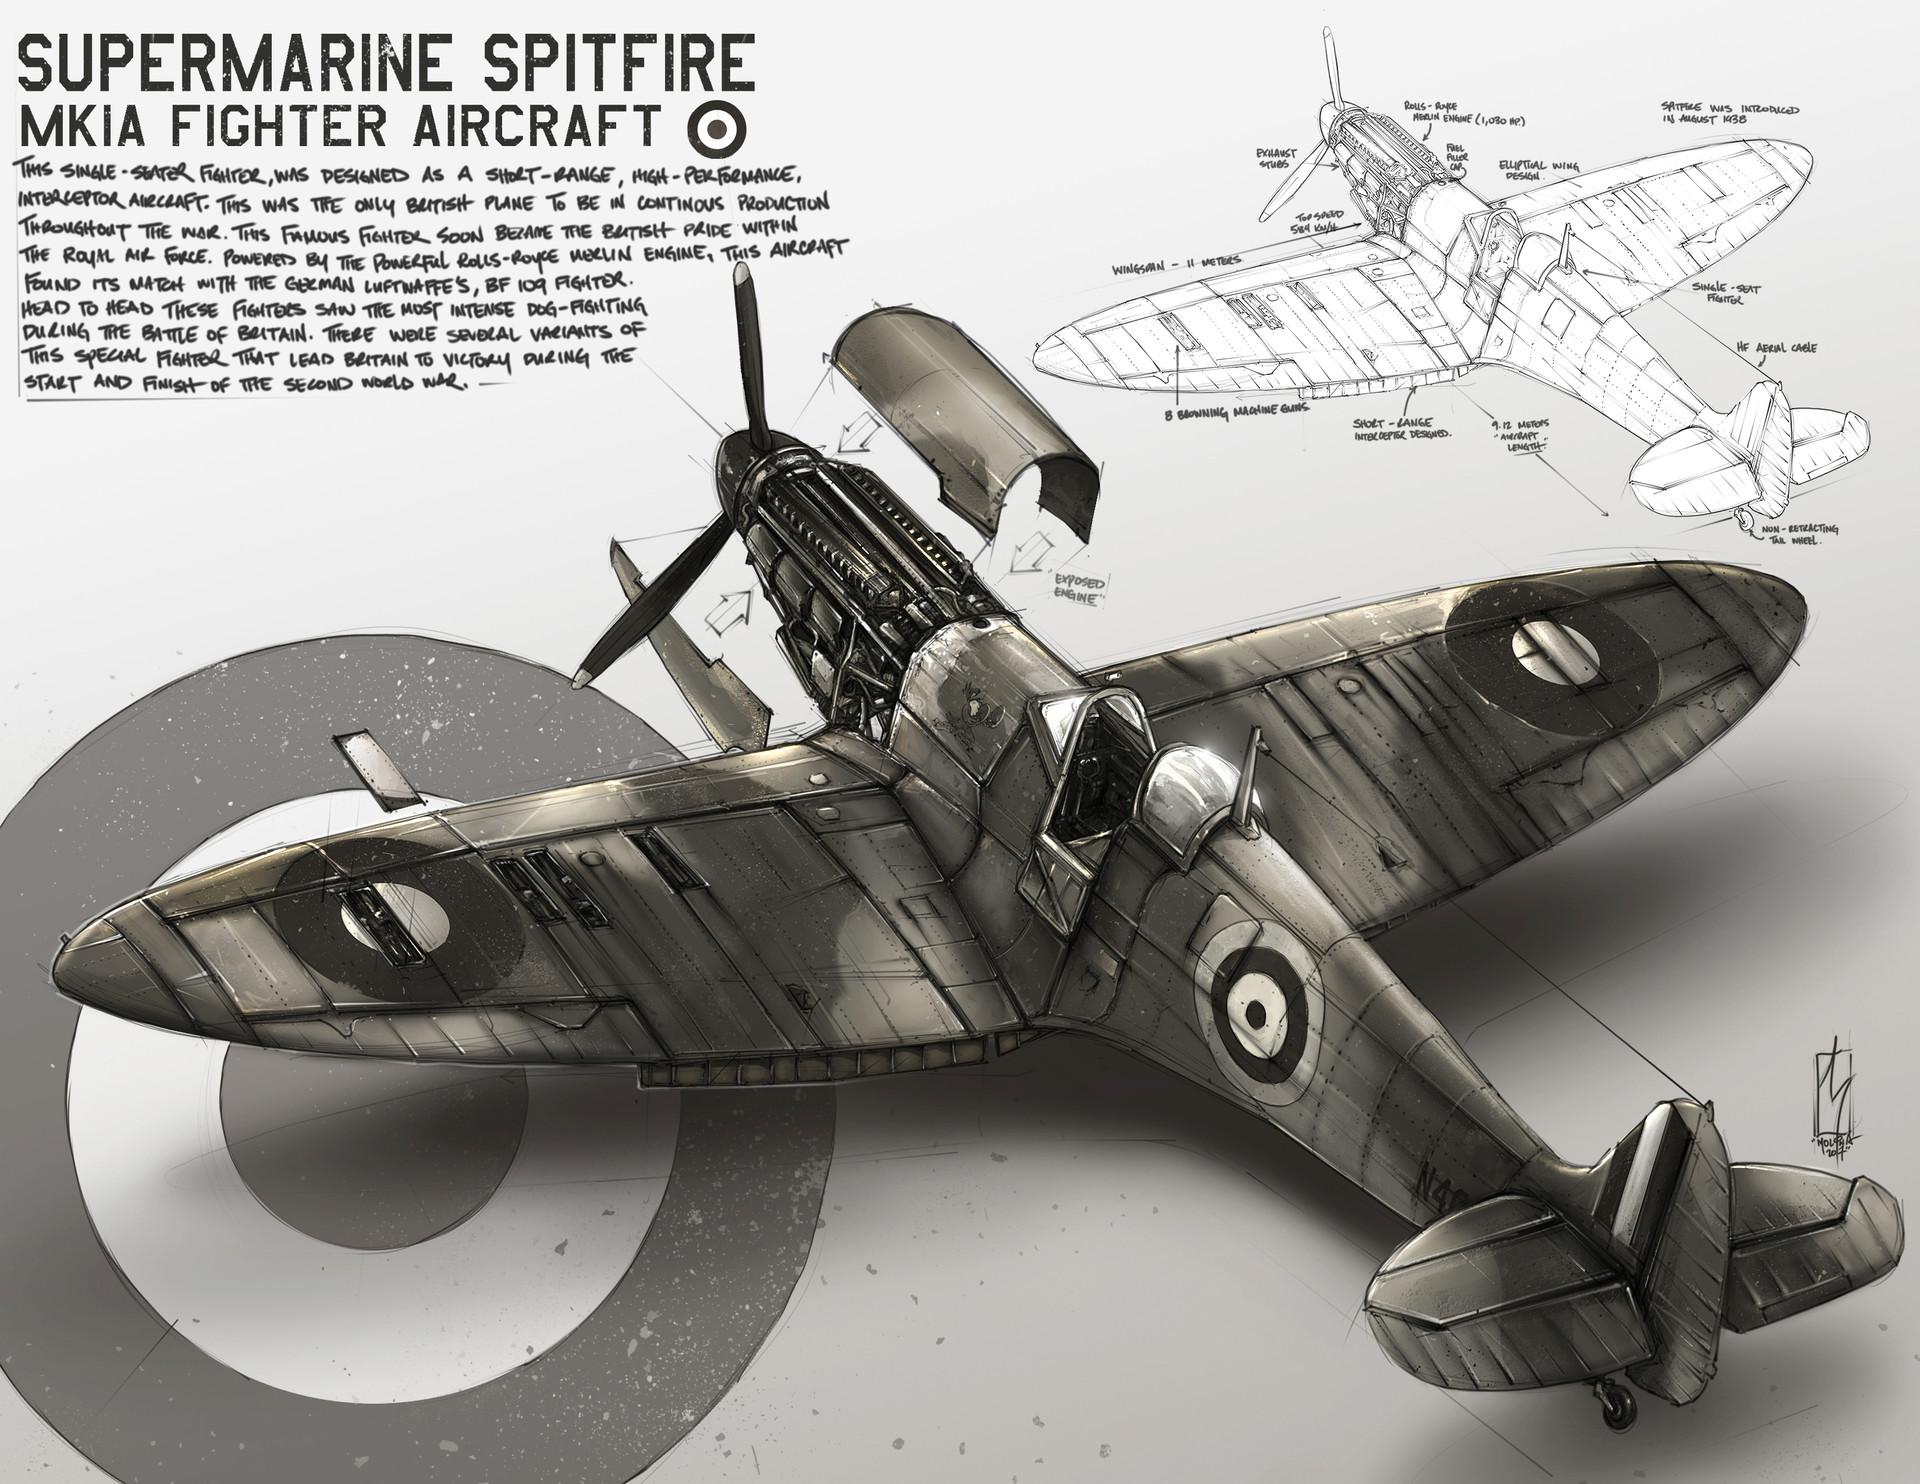 Shane molina warbirds spitfire 8 5x11 print